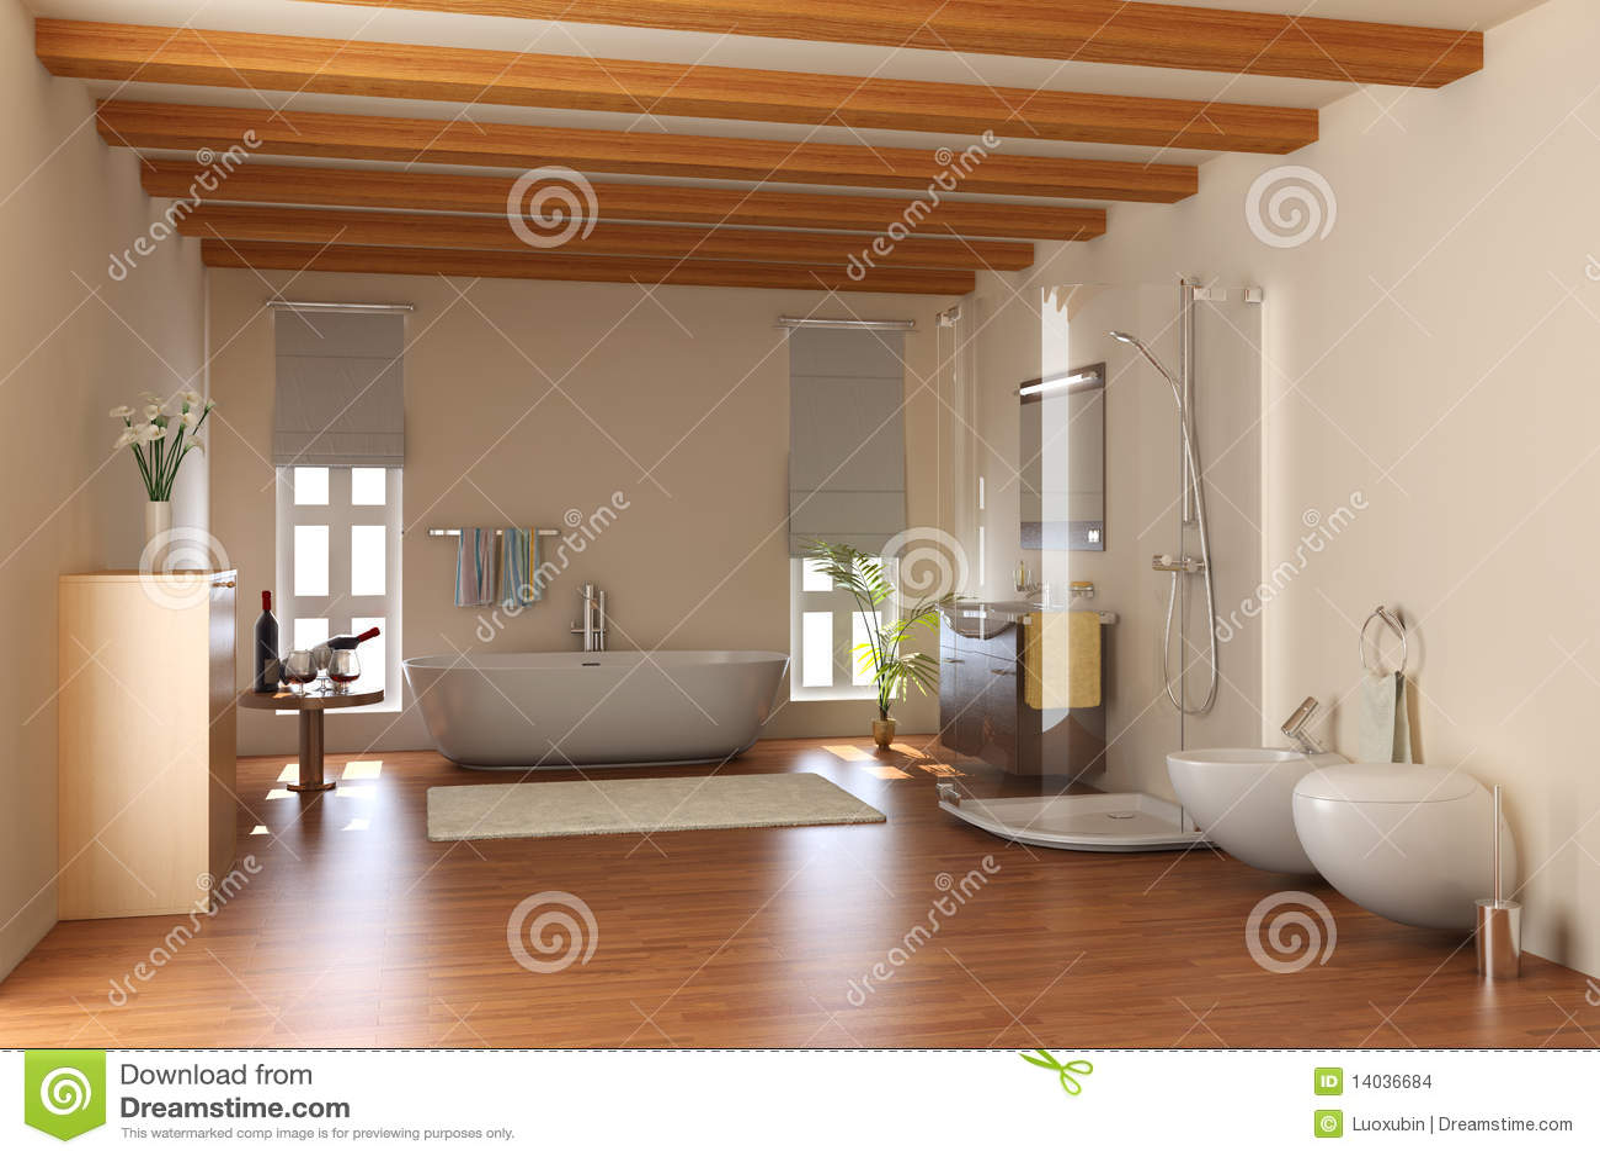 Modernes badezimmer architektur ~ Modernes Badezimmer mit Badewanne ...